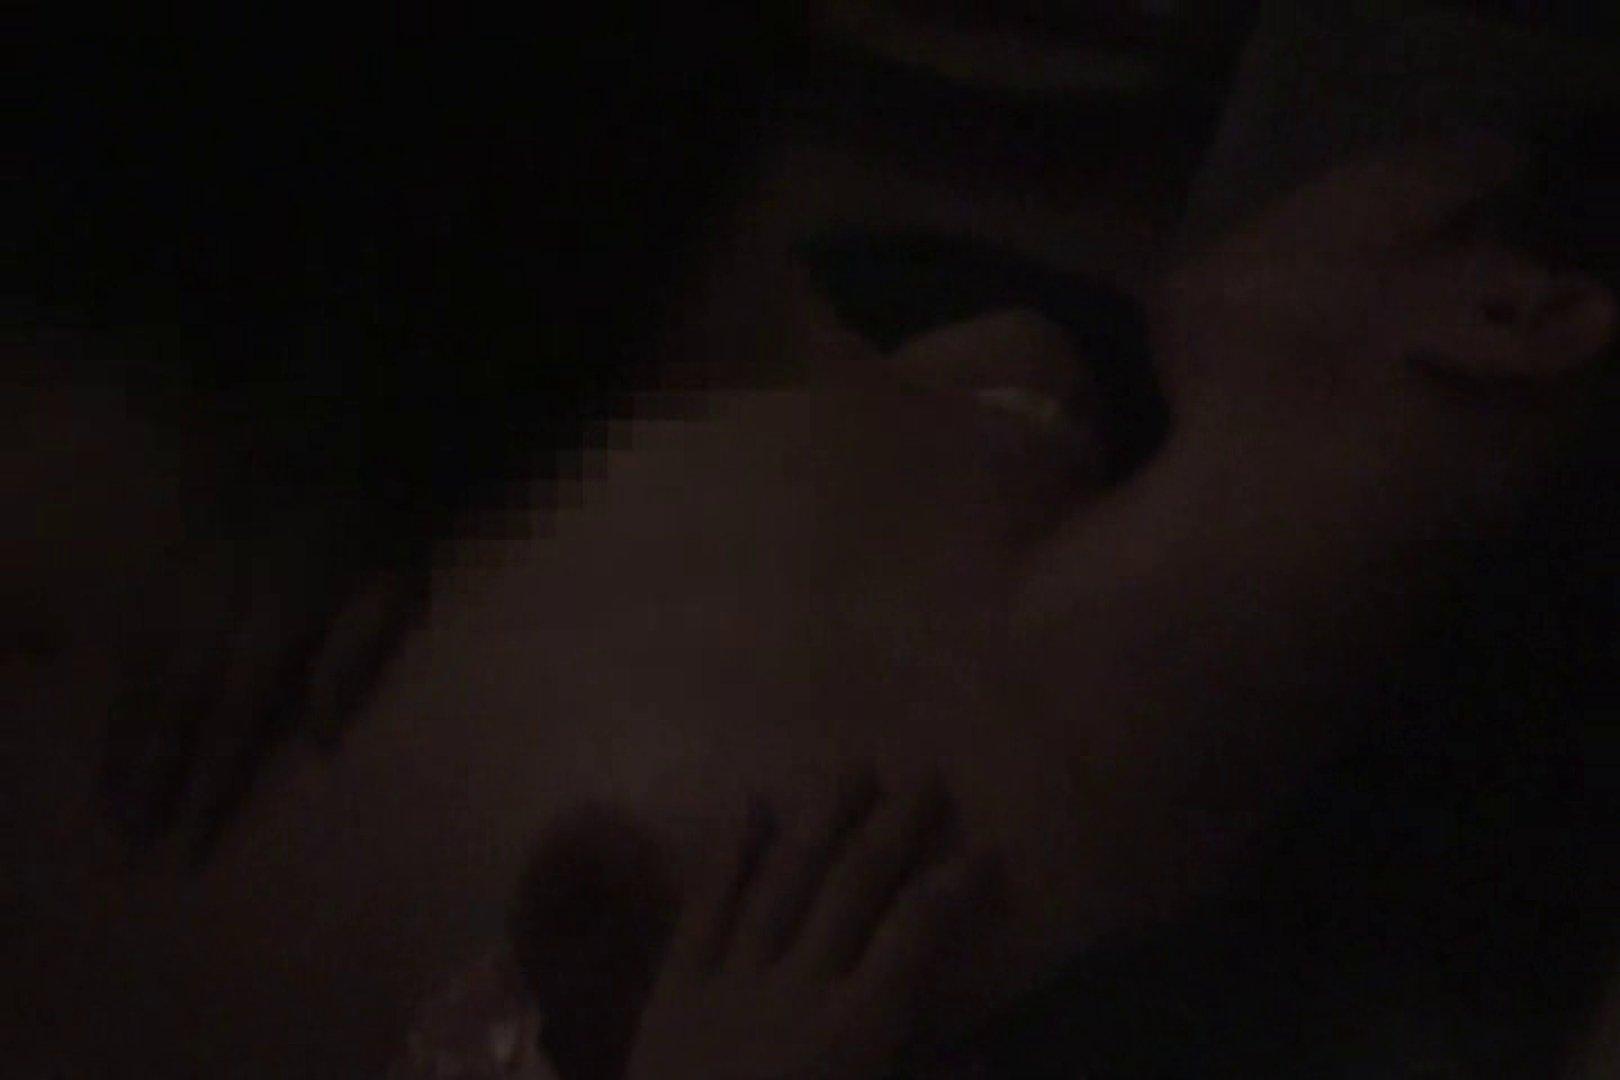 独占配信! ●罪証拠DVD 起きません! vol.08 美しいOLの裸体 スケベ動画紹介 88pic 14